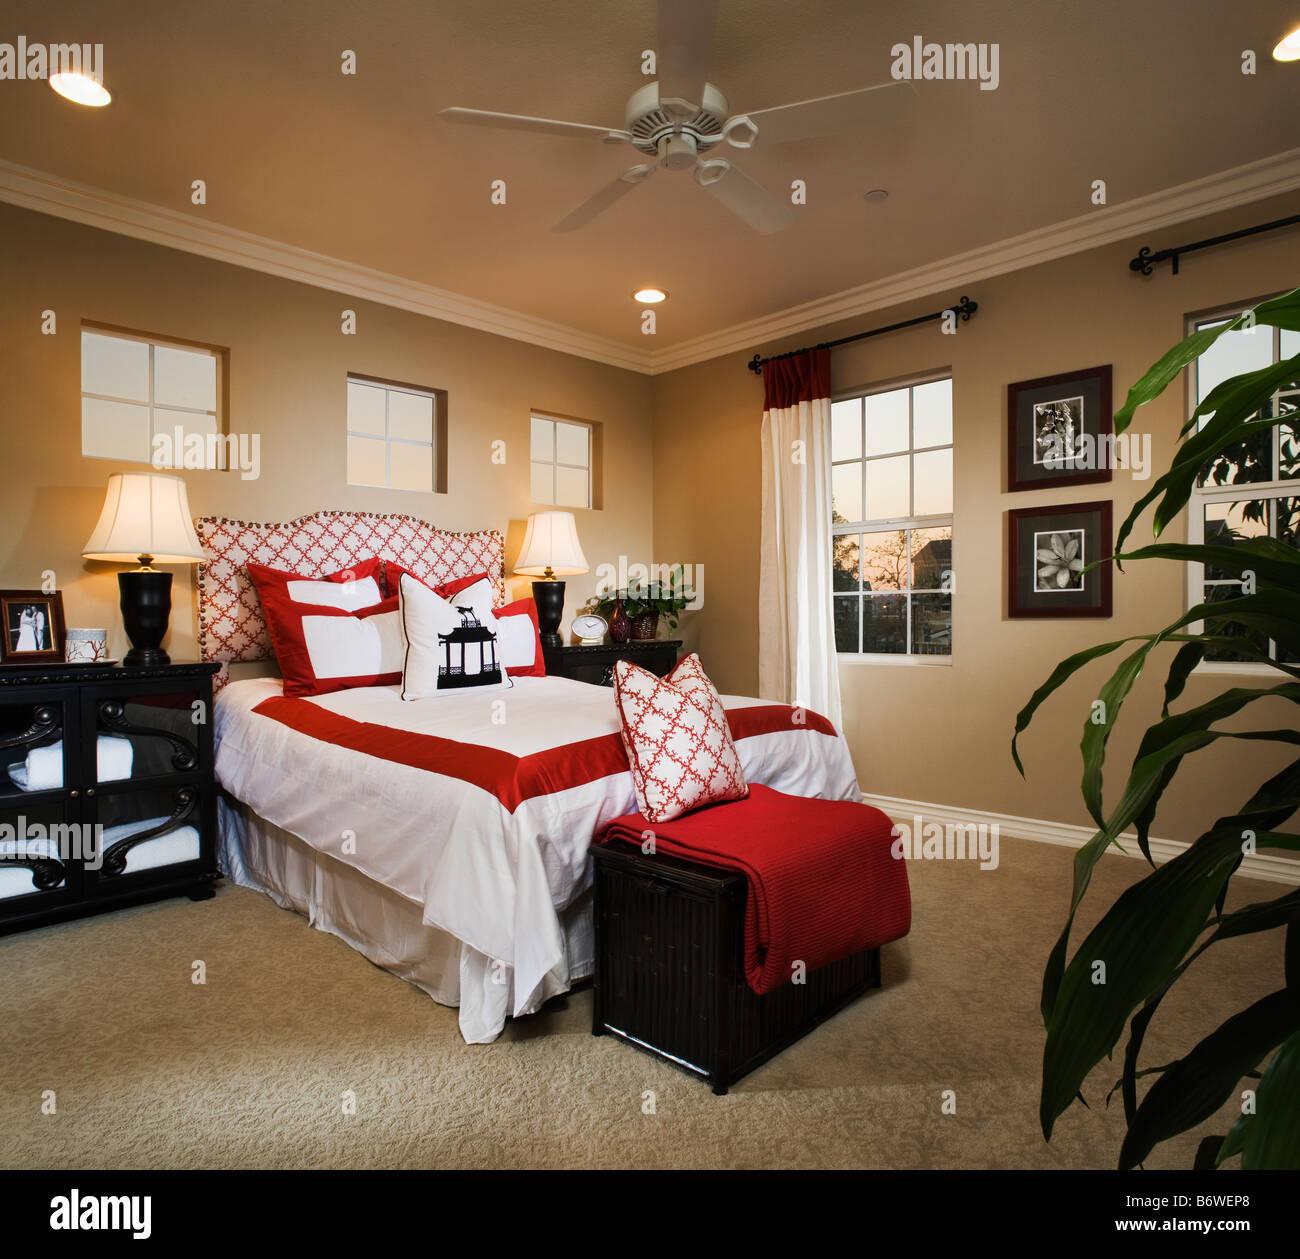 Zeitgenössische Schlafzimmer mit roten und weißen Akzenten Stockfoto